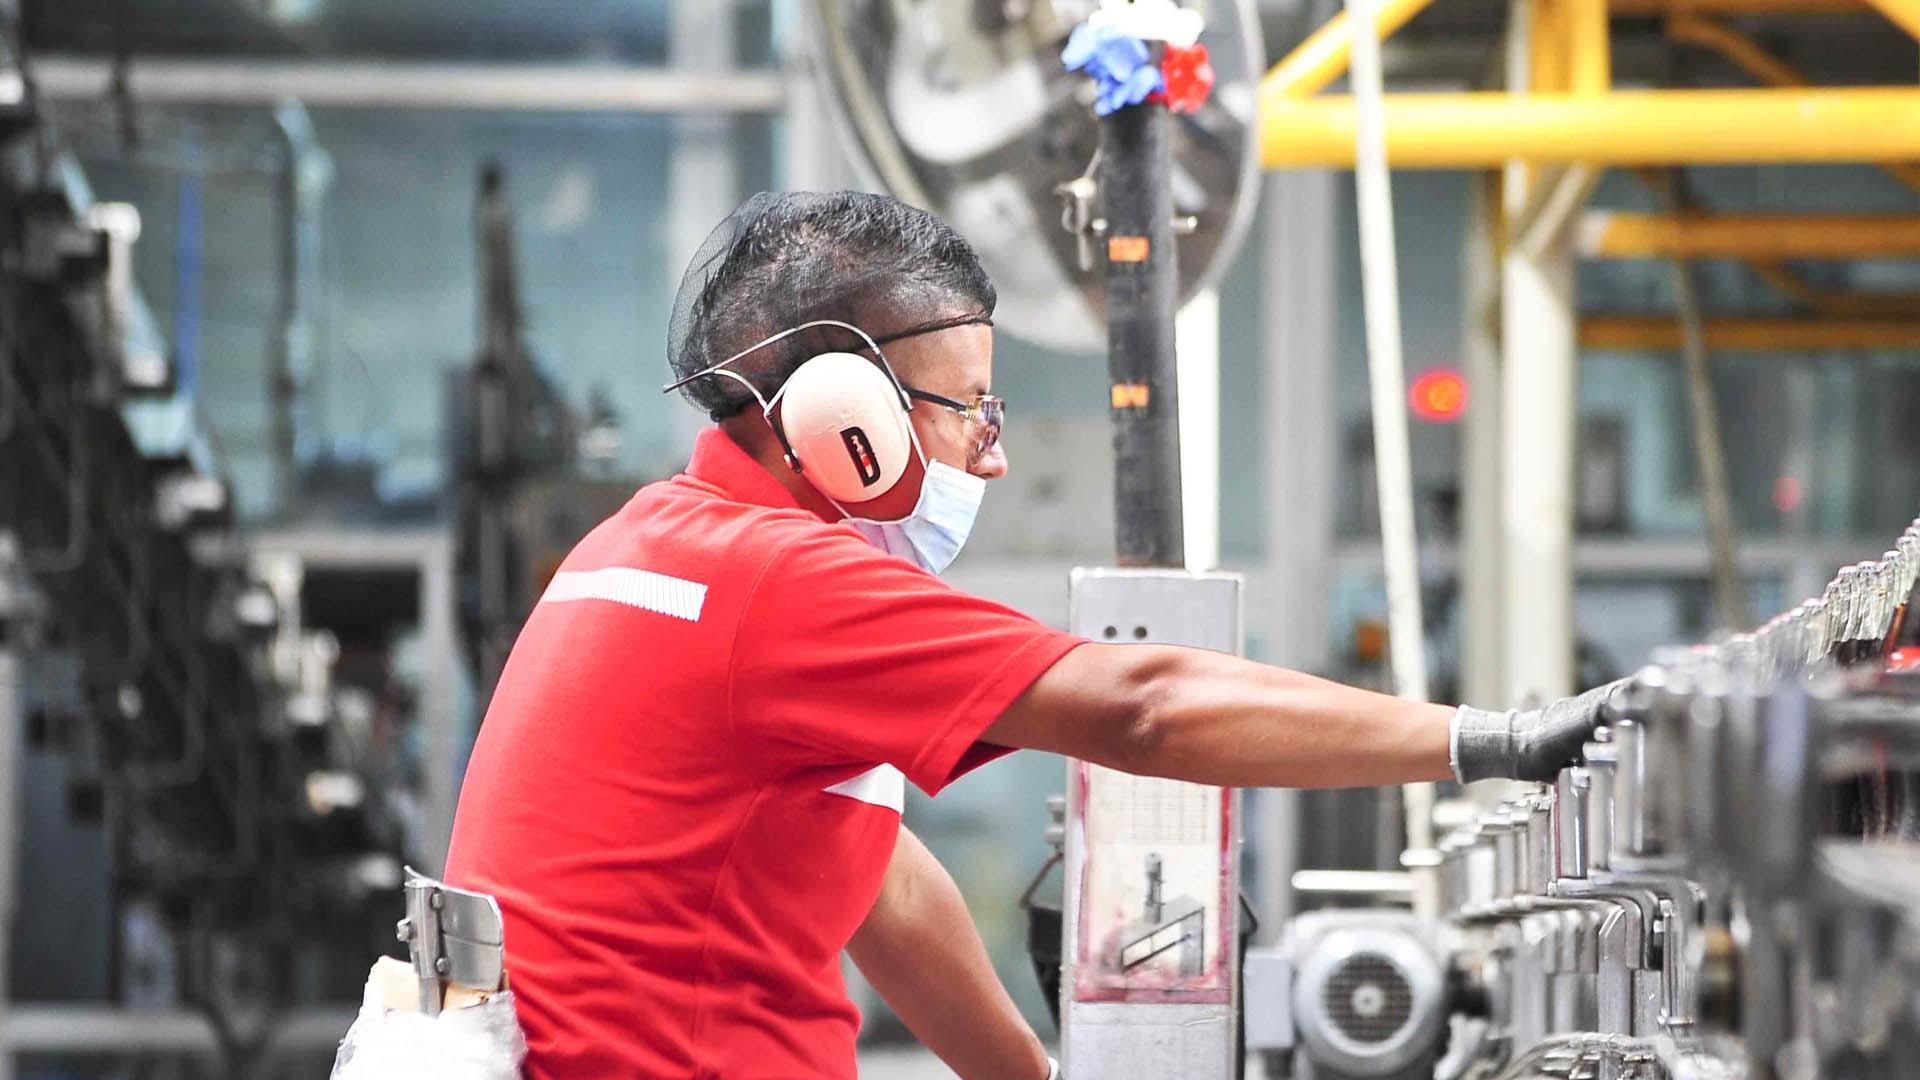 172 mil nuevos trabajadores formales fueron agregados al Instituto Mexicano del Seguro Social